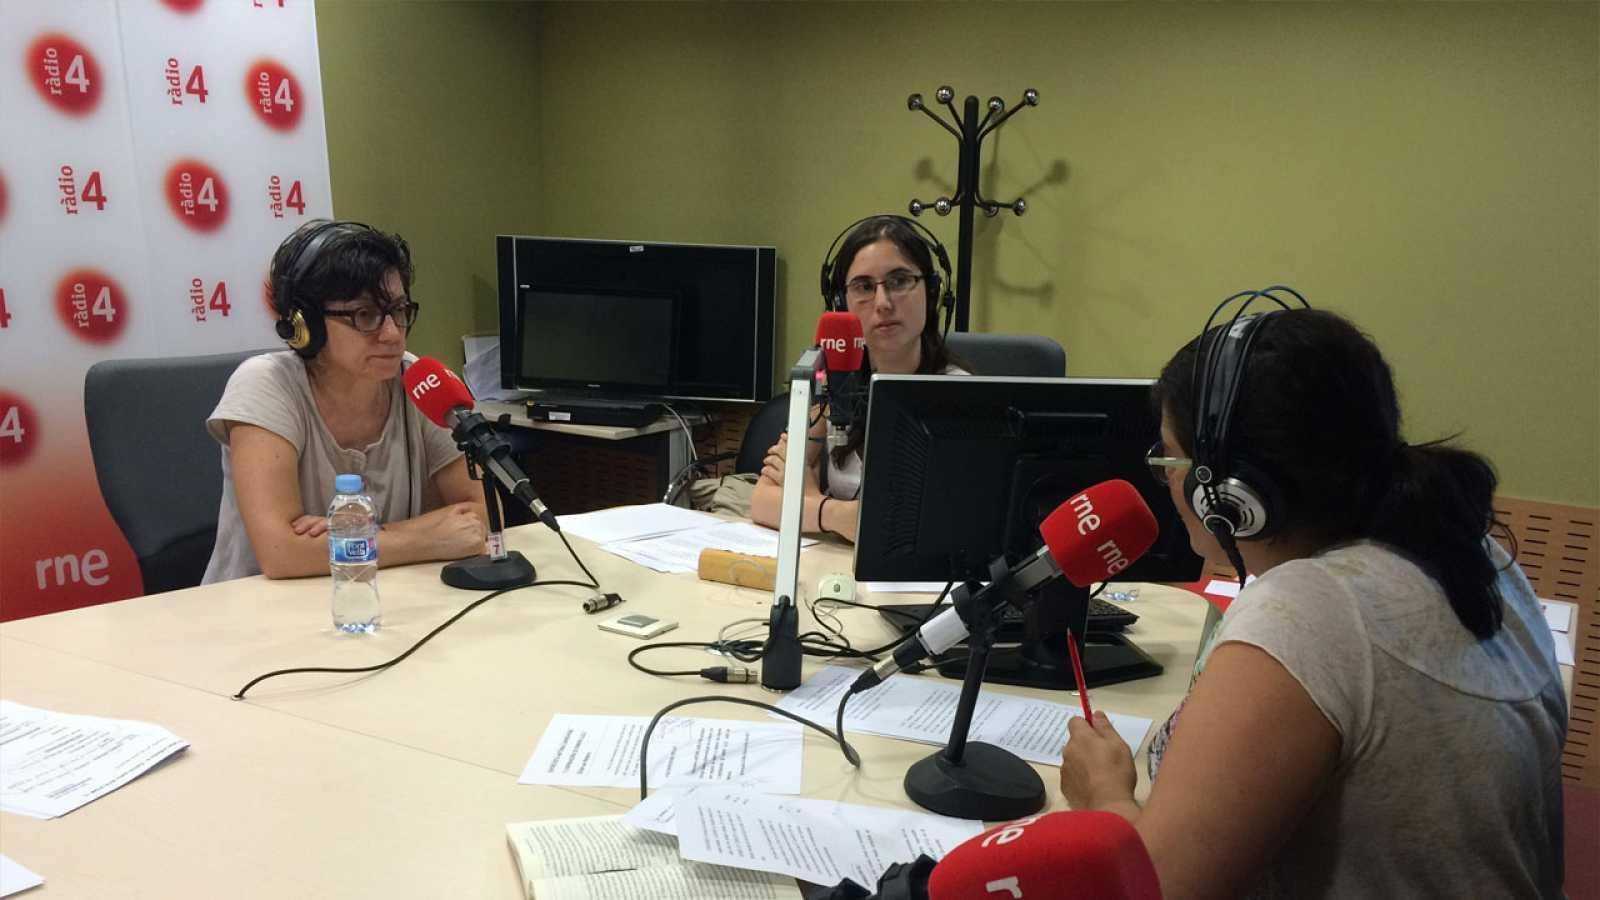 El matí a Ràdio 4 - L'Aspiradora de Ramon Llull l'any que es commemora els 700 anys de la seva mort